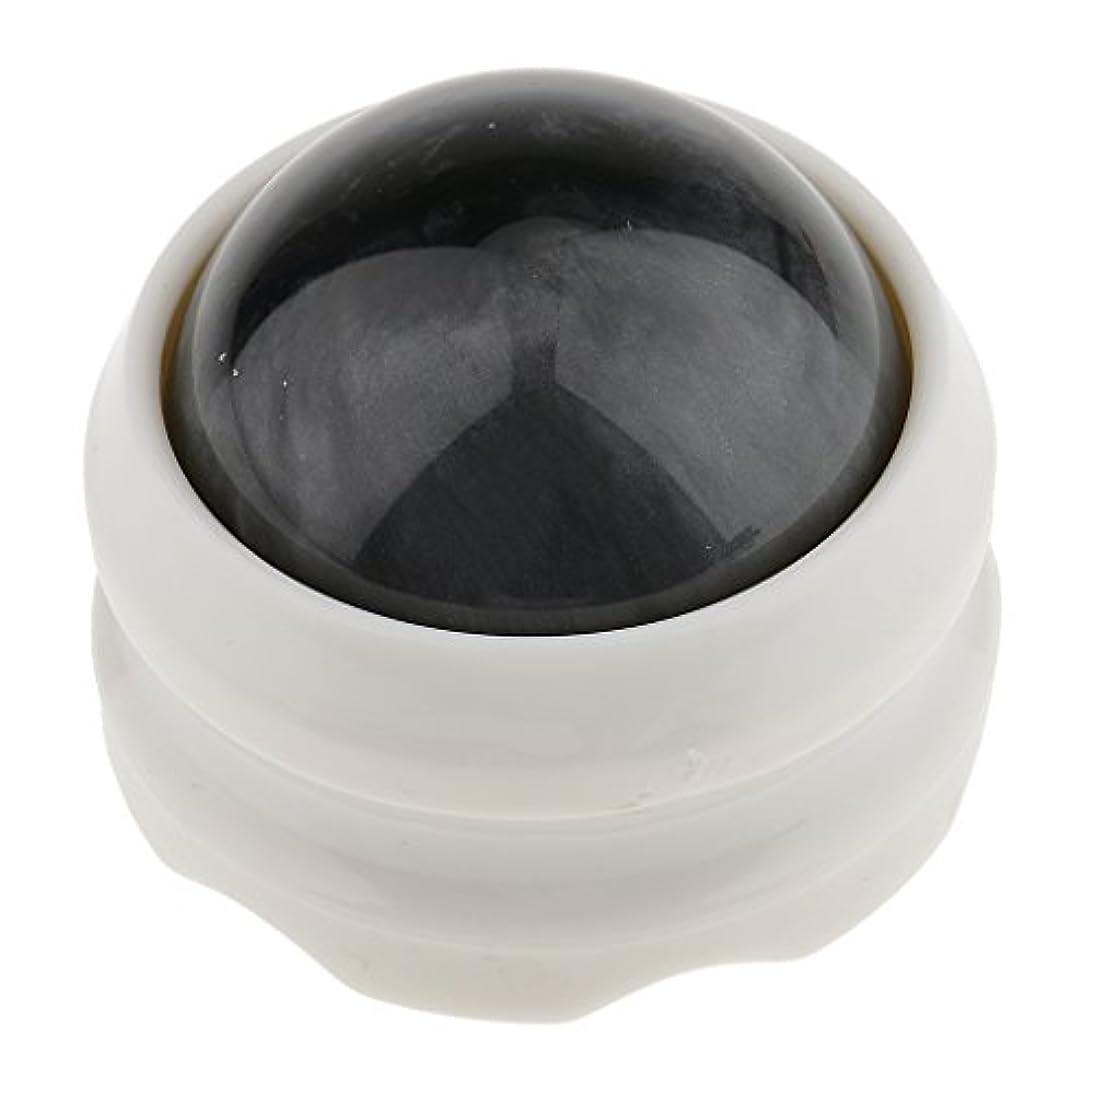 フローティング自分のために羨望SONONIA マッサージ ローラーボール ボディ バック ネック フット セルフマッサージ ツール 全4色 - グレーホワイト